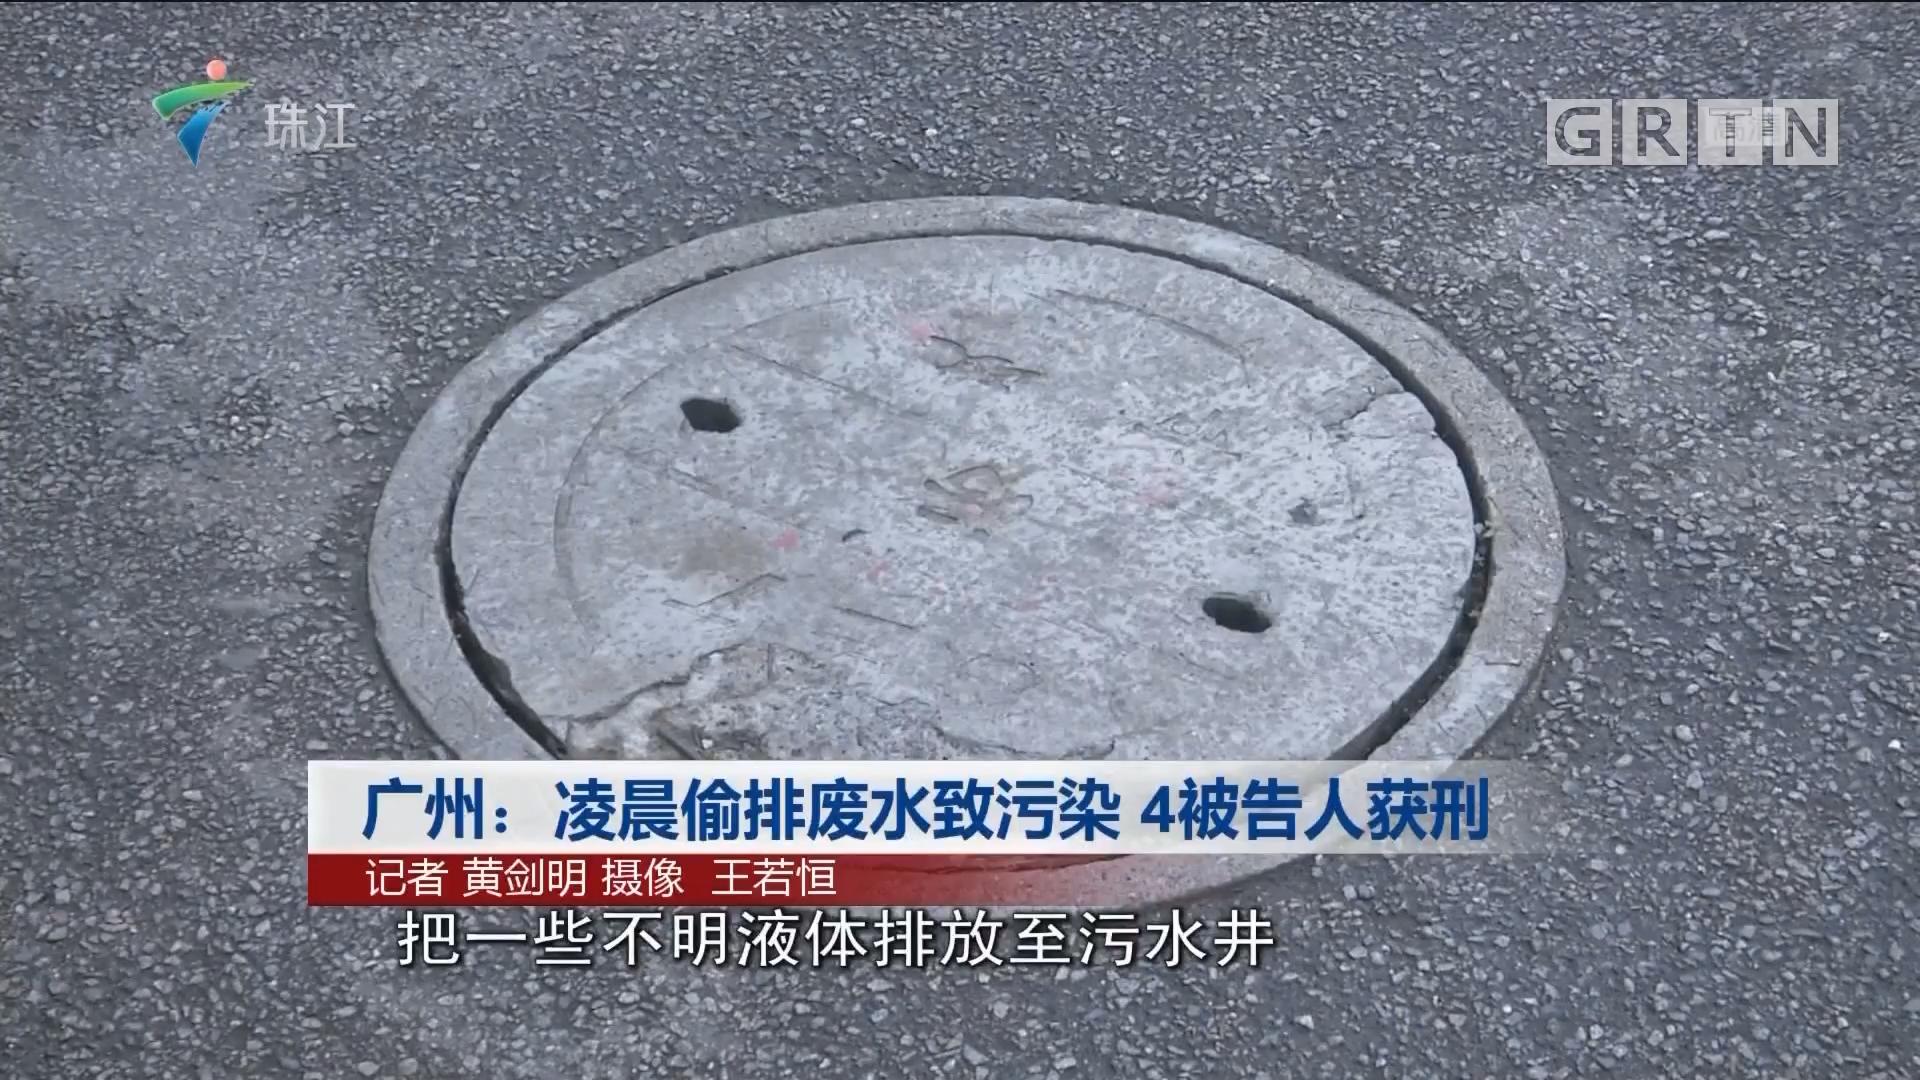 广州:凌晨偷排废水致污染 4被告人获刑